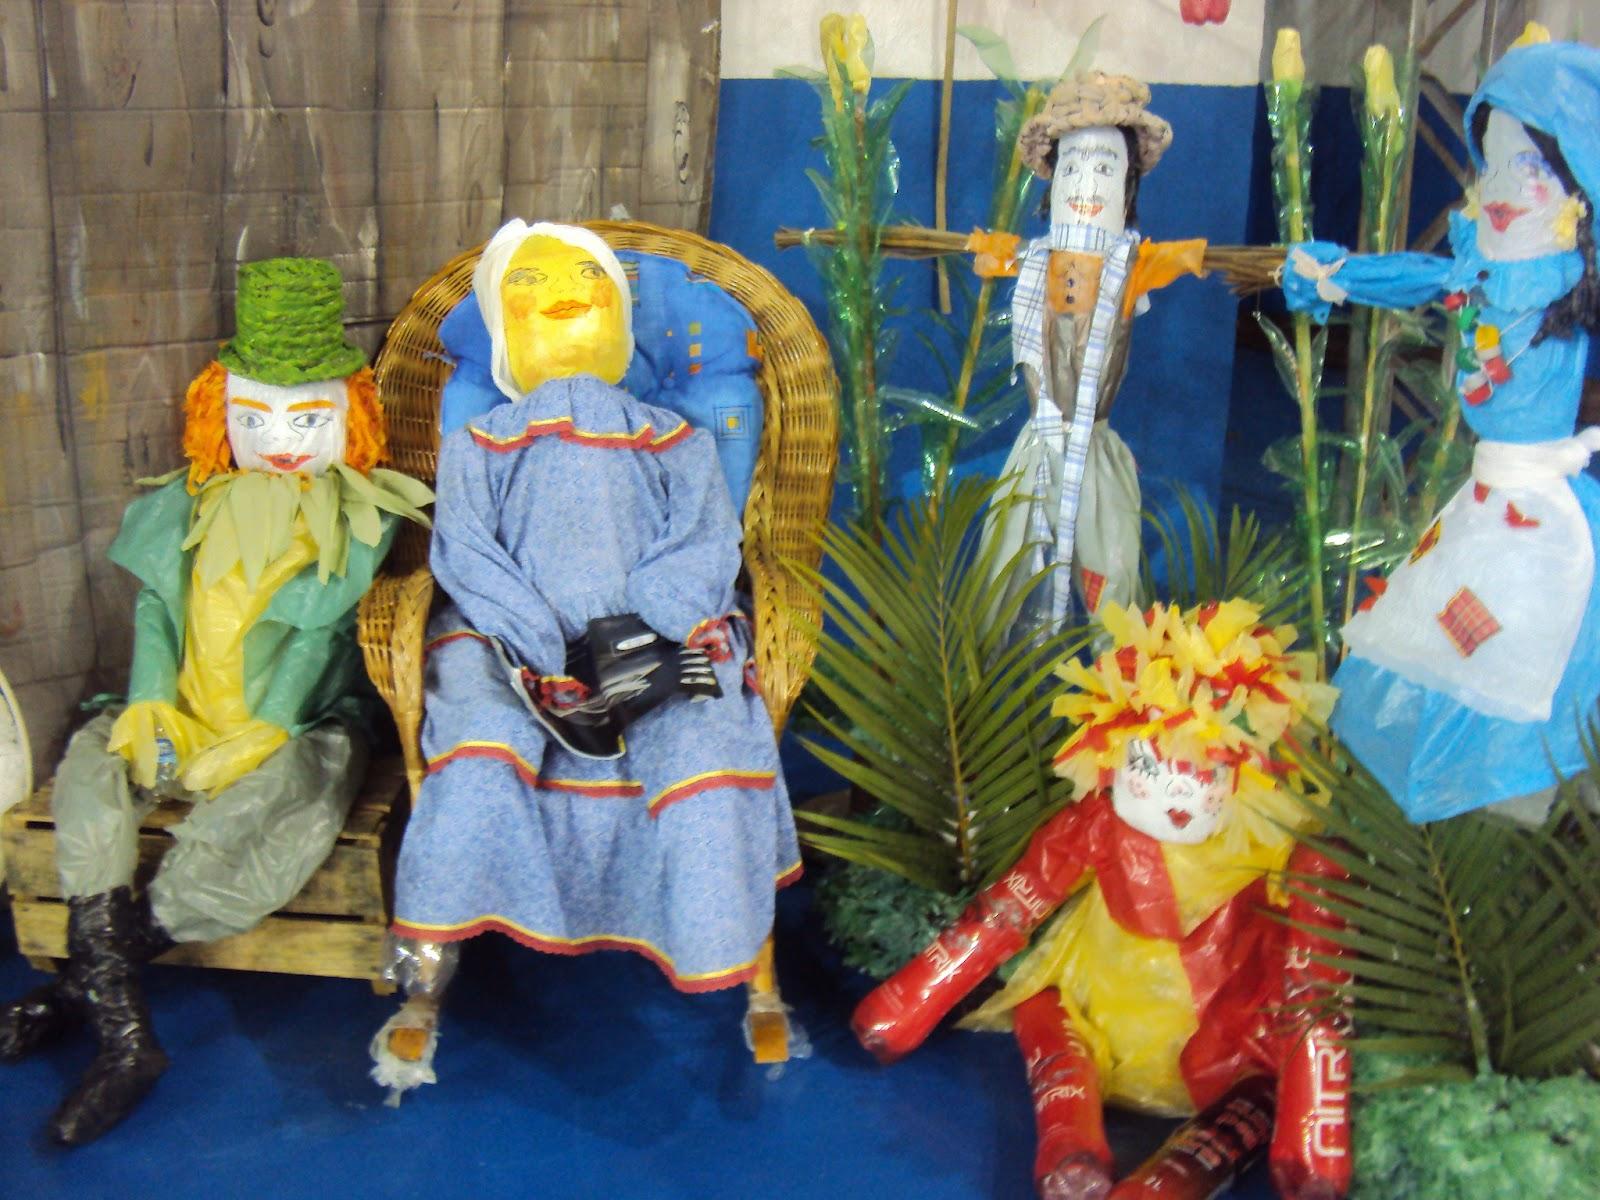 decoracao festa caipira:Lú Art Mania: Decoração sustentável para Festa Caipira